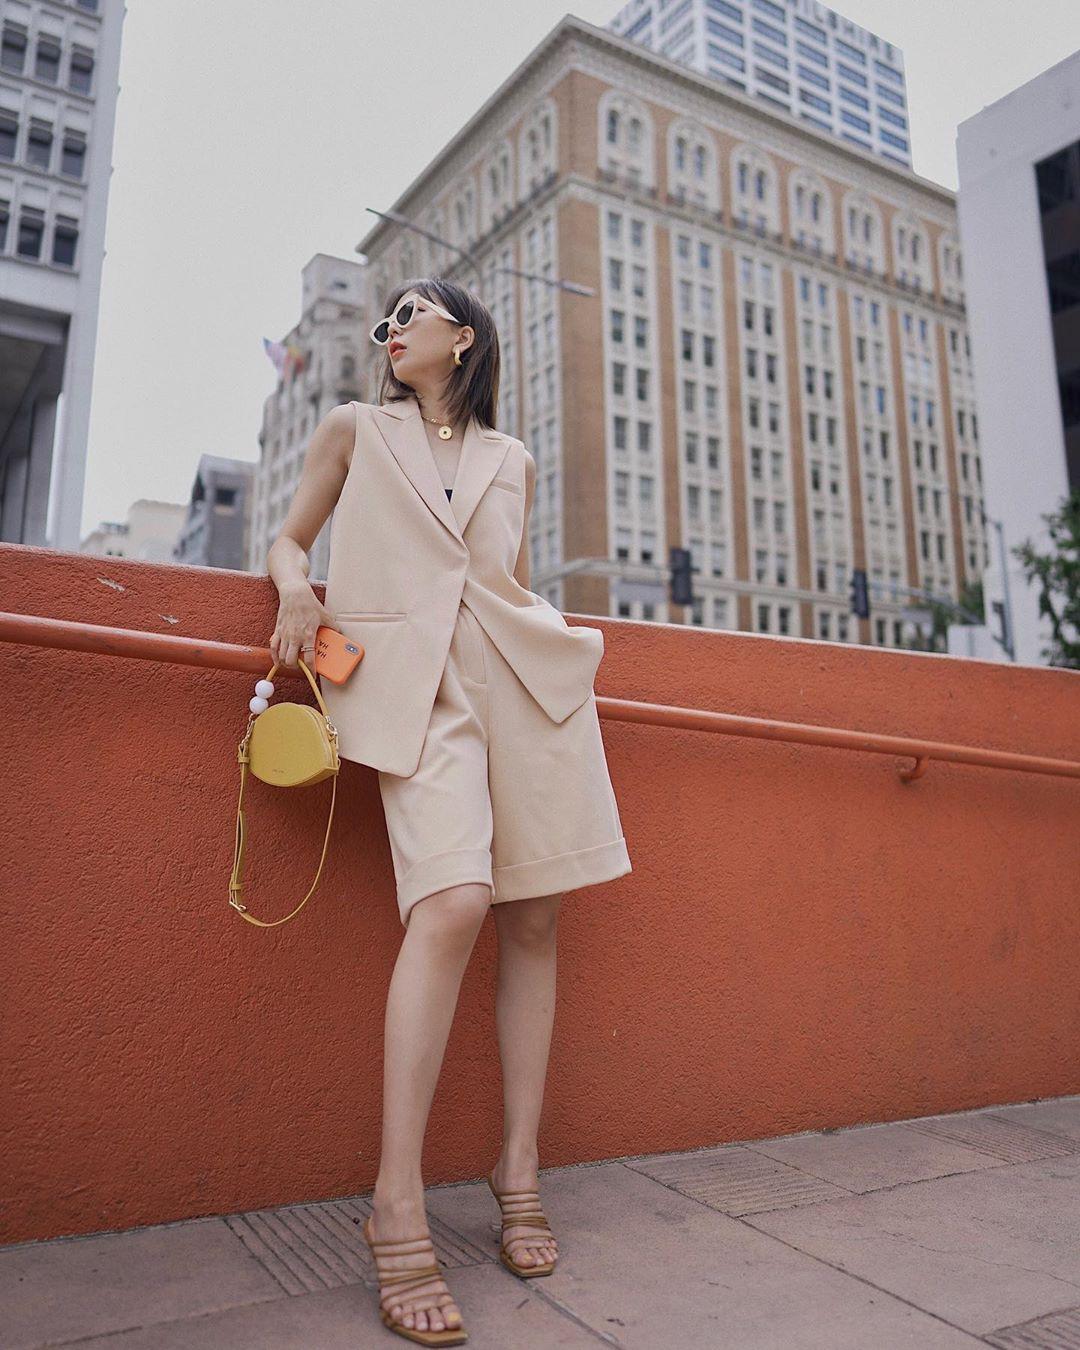 Bạn sẽ hối hận nếu không thử style tối giản, bởi đây là cách nhanh nhất giúp mọi chị em mặc đẹp và sang 365 ngày - Ảnh 4